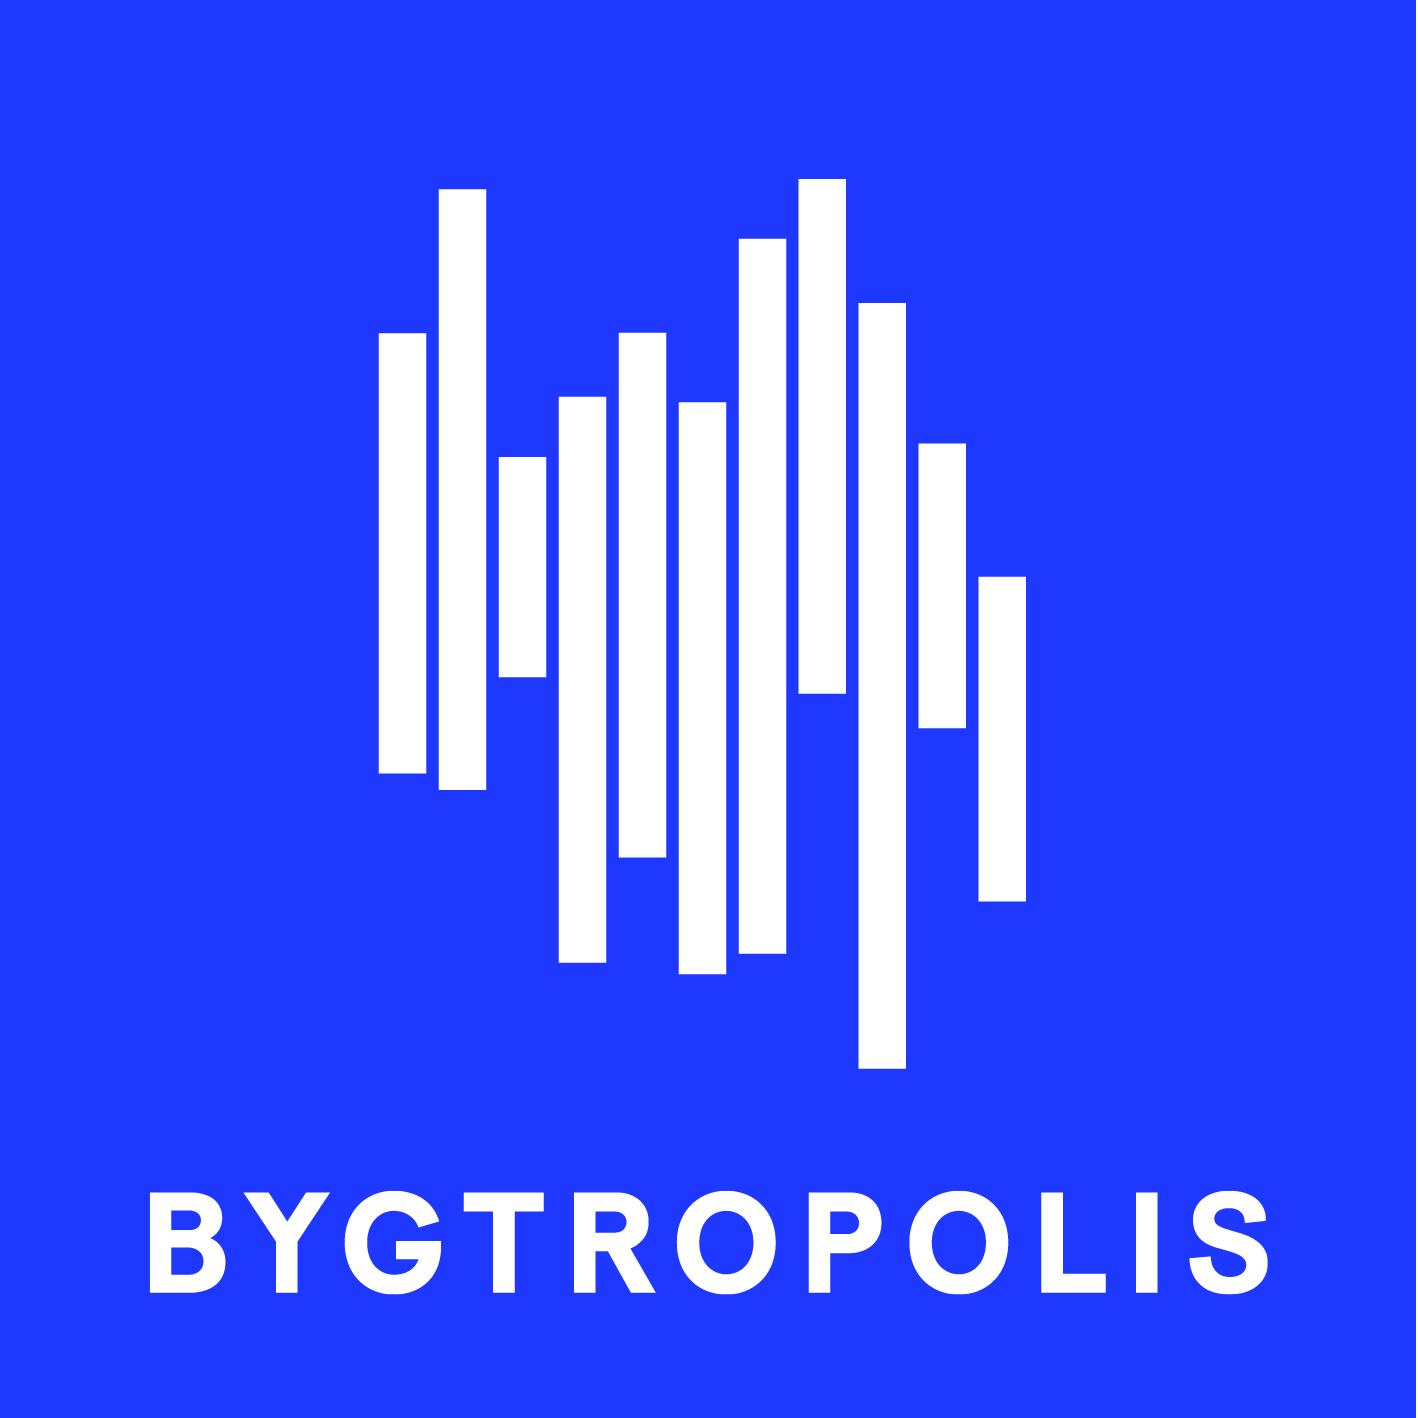 Bygtropolis_Blue_fyld.png